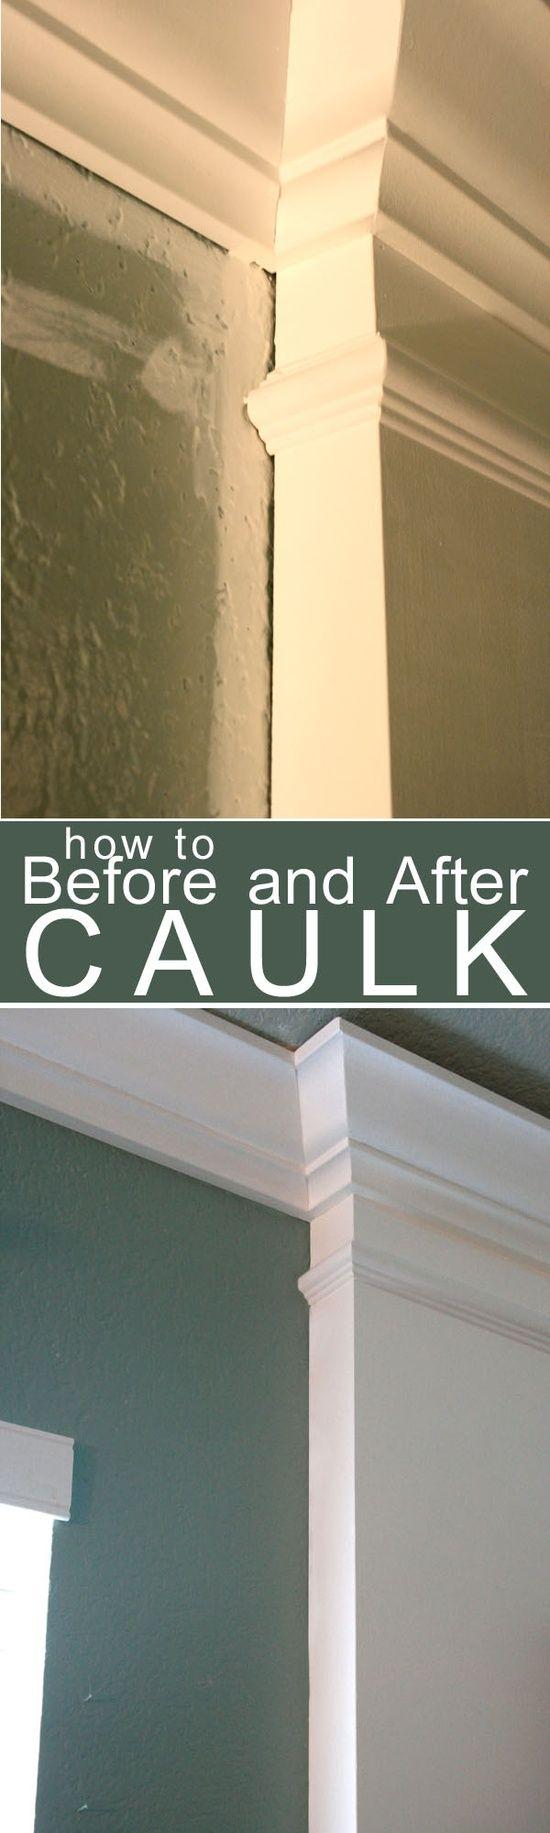 How to Caulk Moldings!